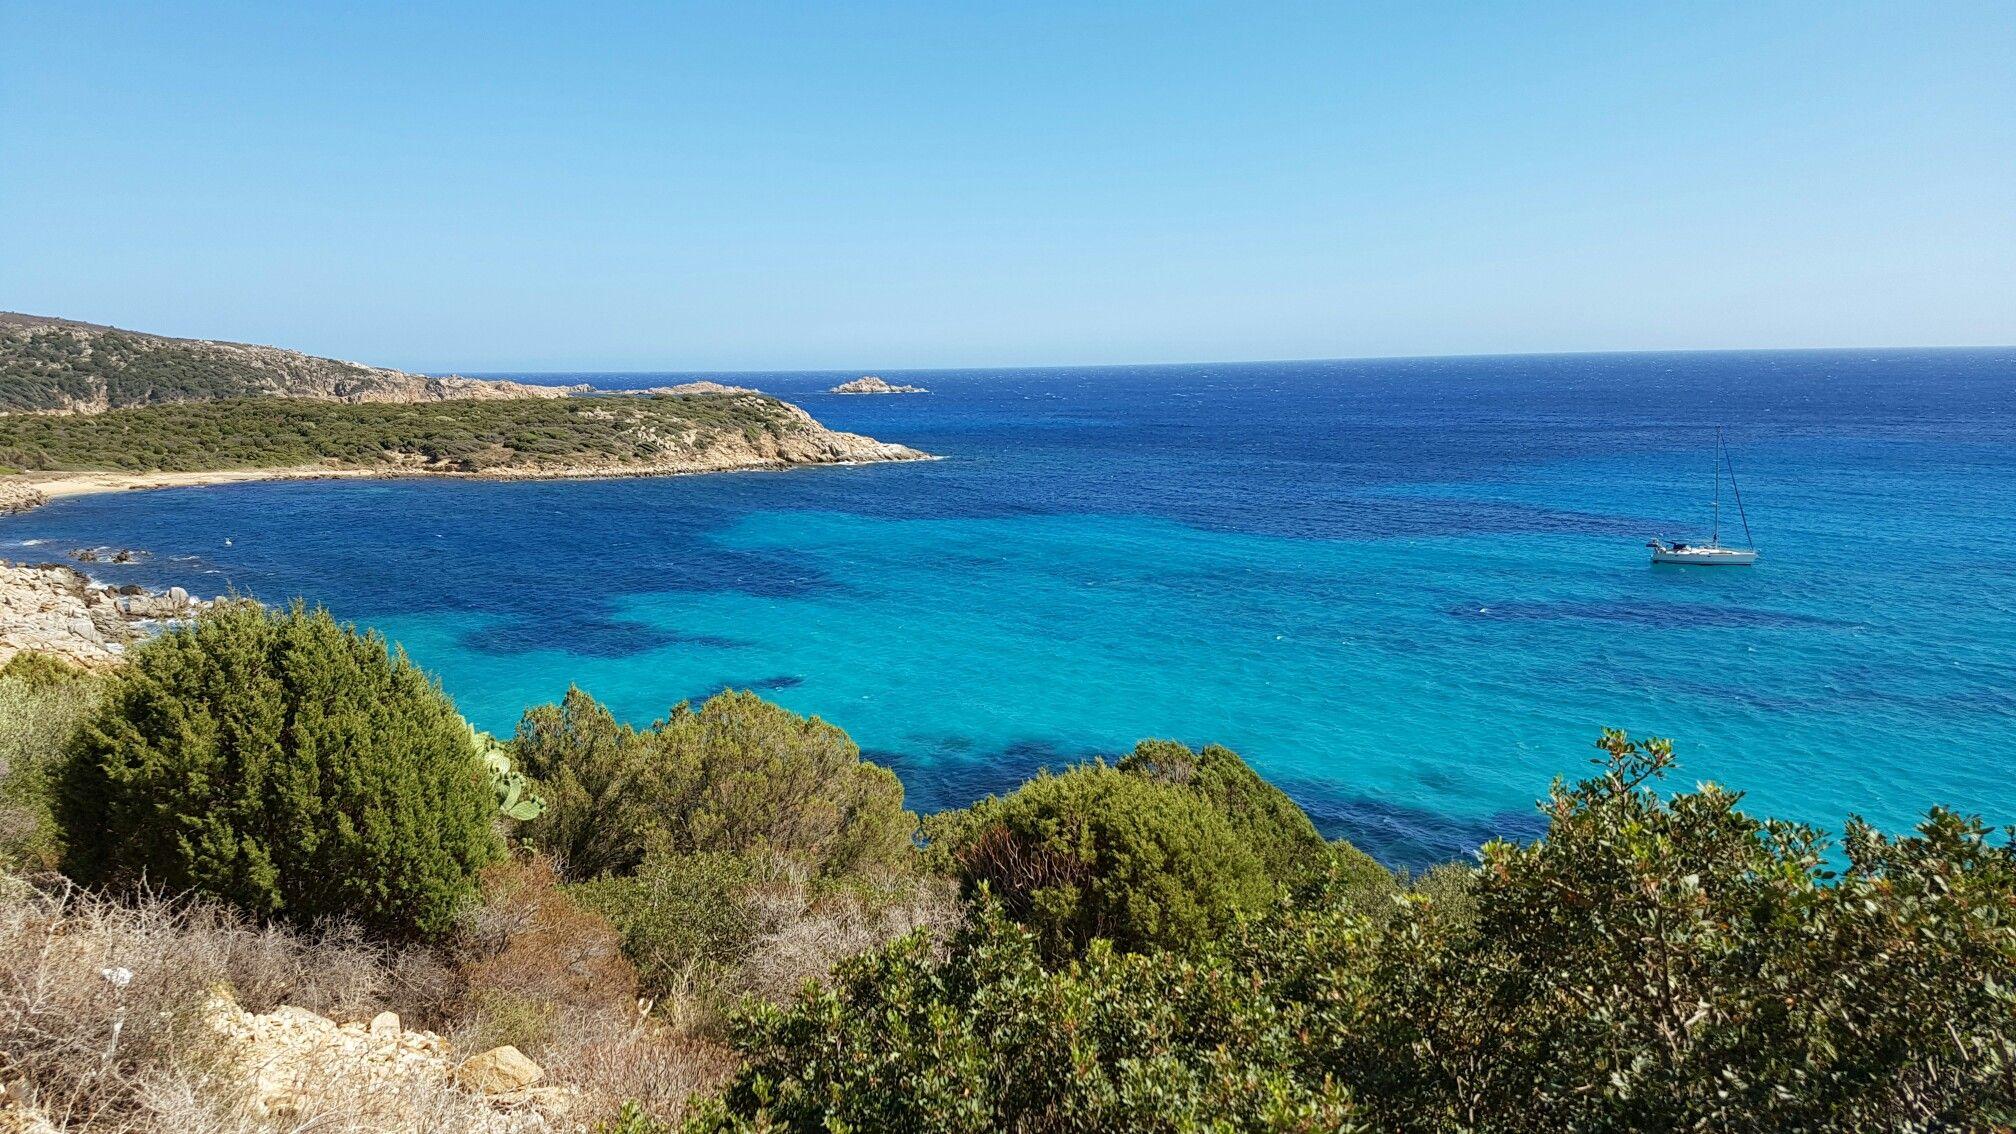 Spiaggia di Tuerredda, Sardinia